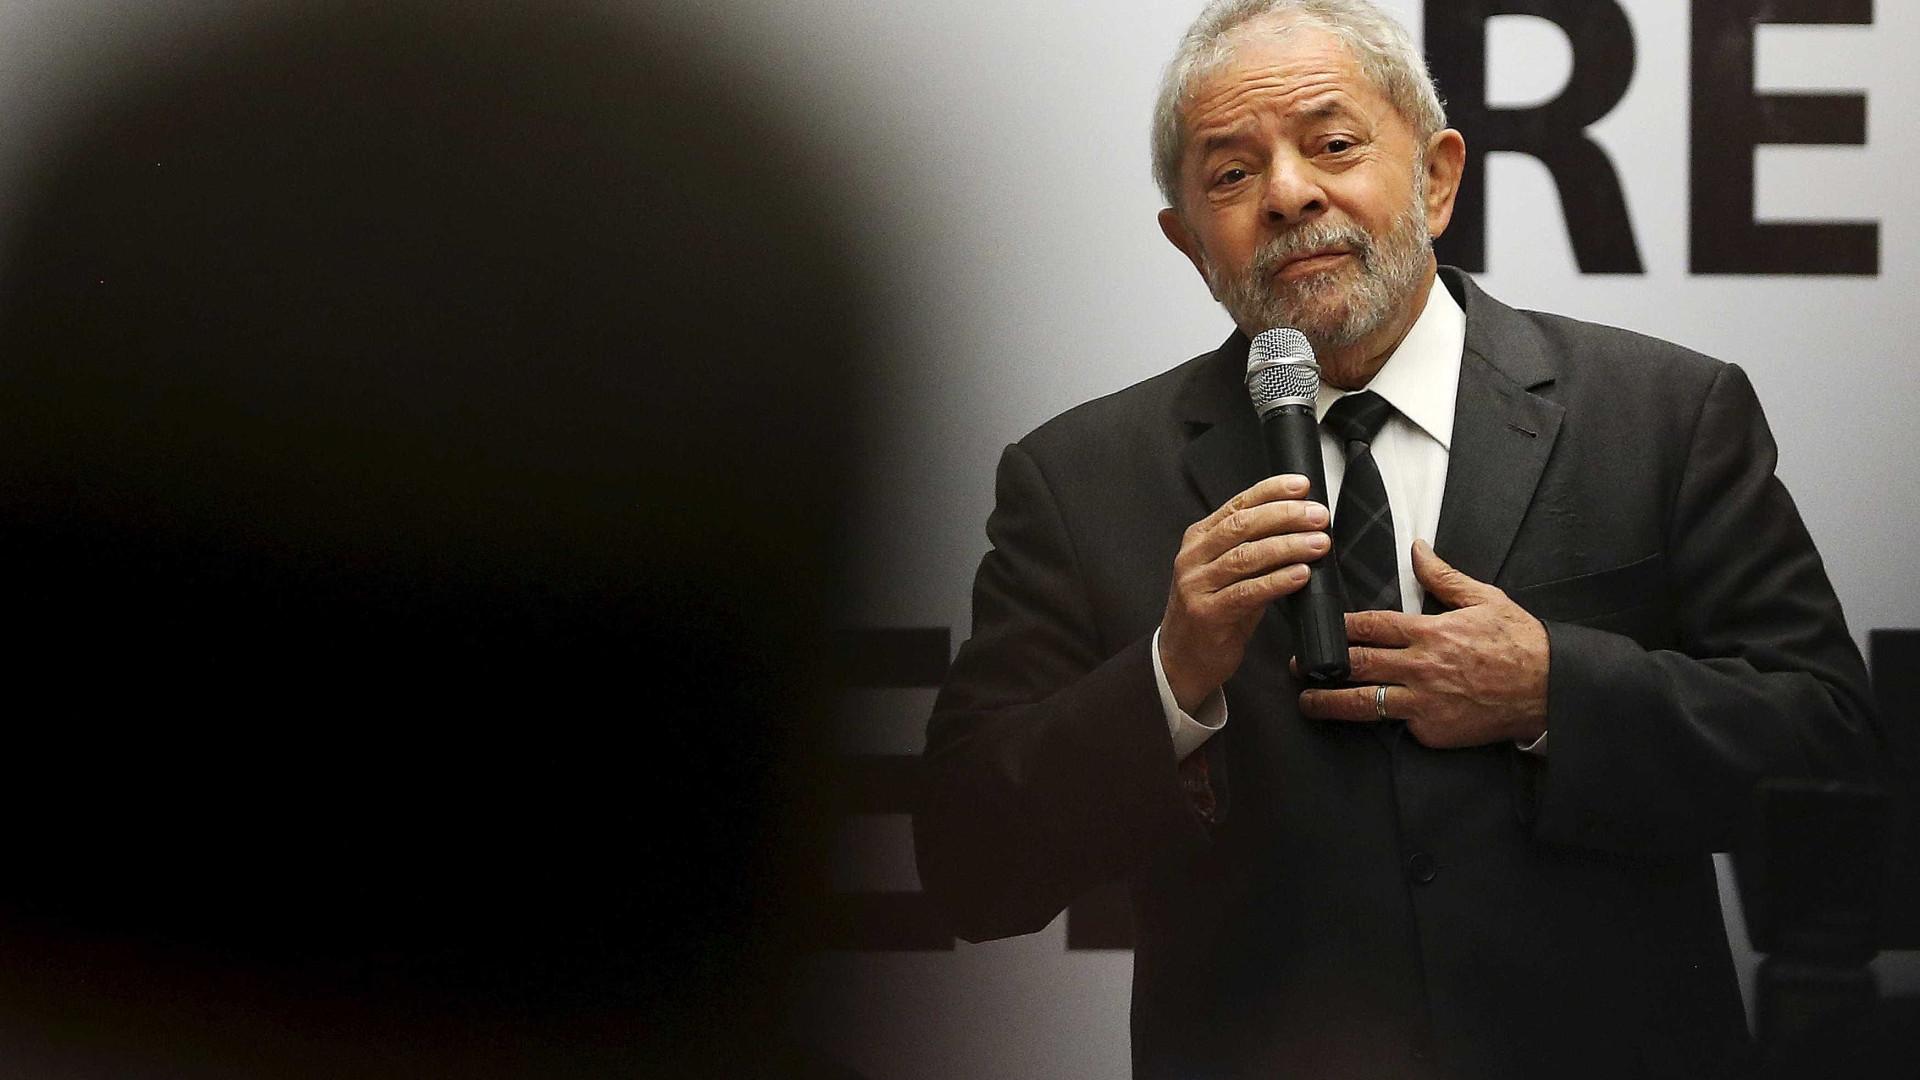 Odebrecht relata 'demanda' de R$ 1 milhão para filme sobre Lula